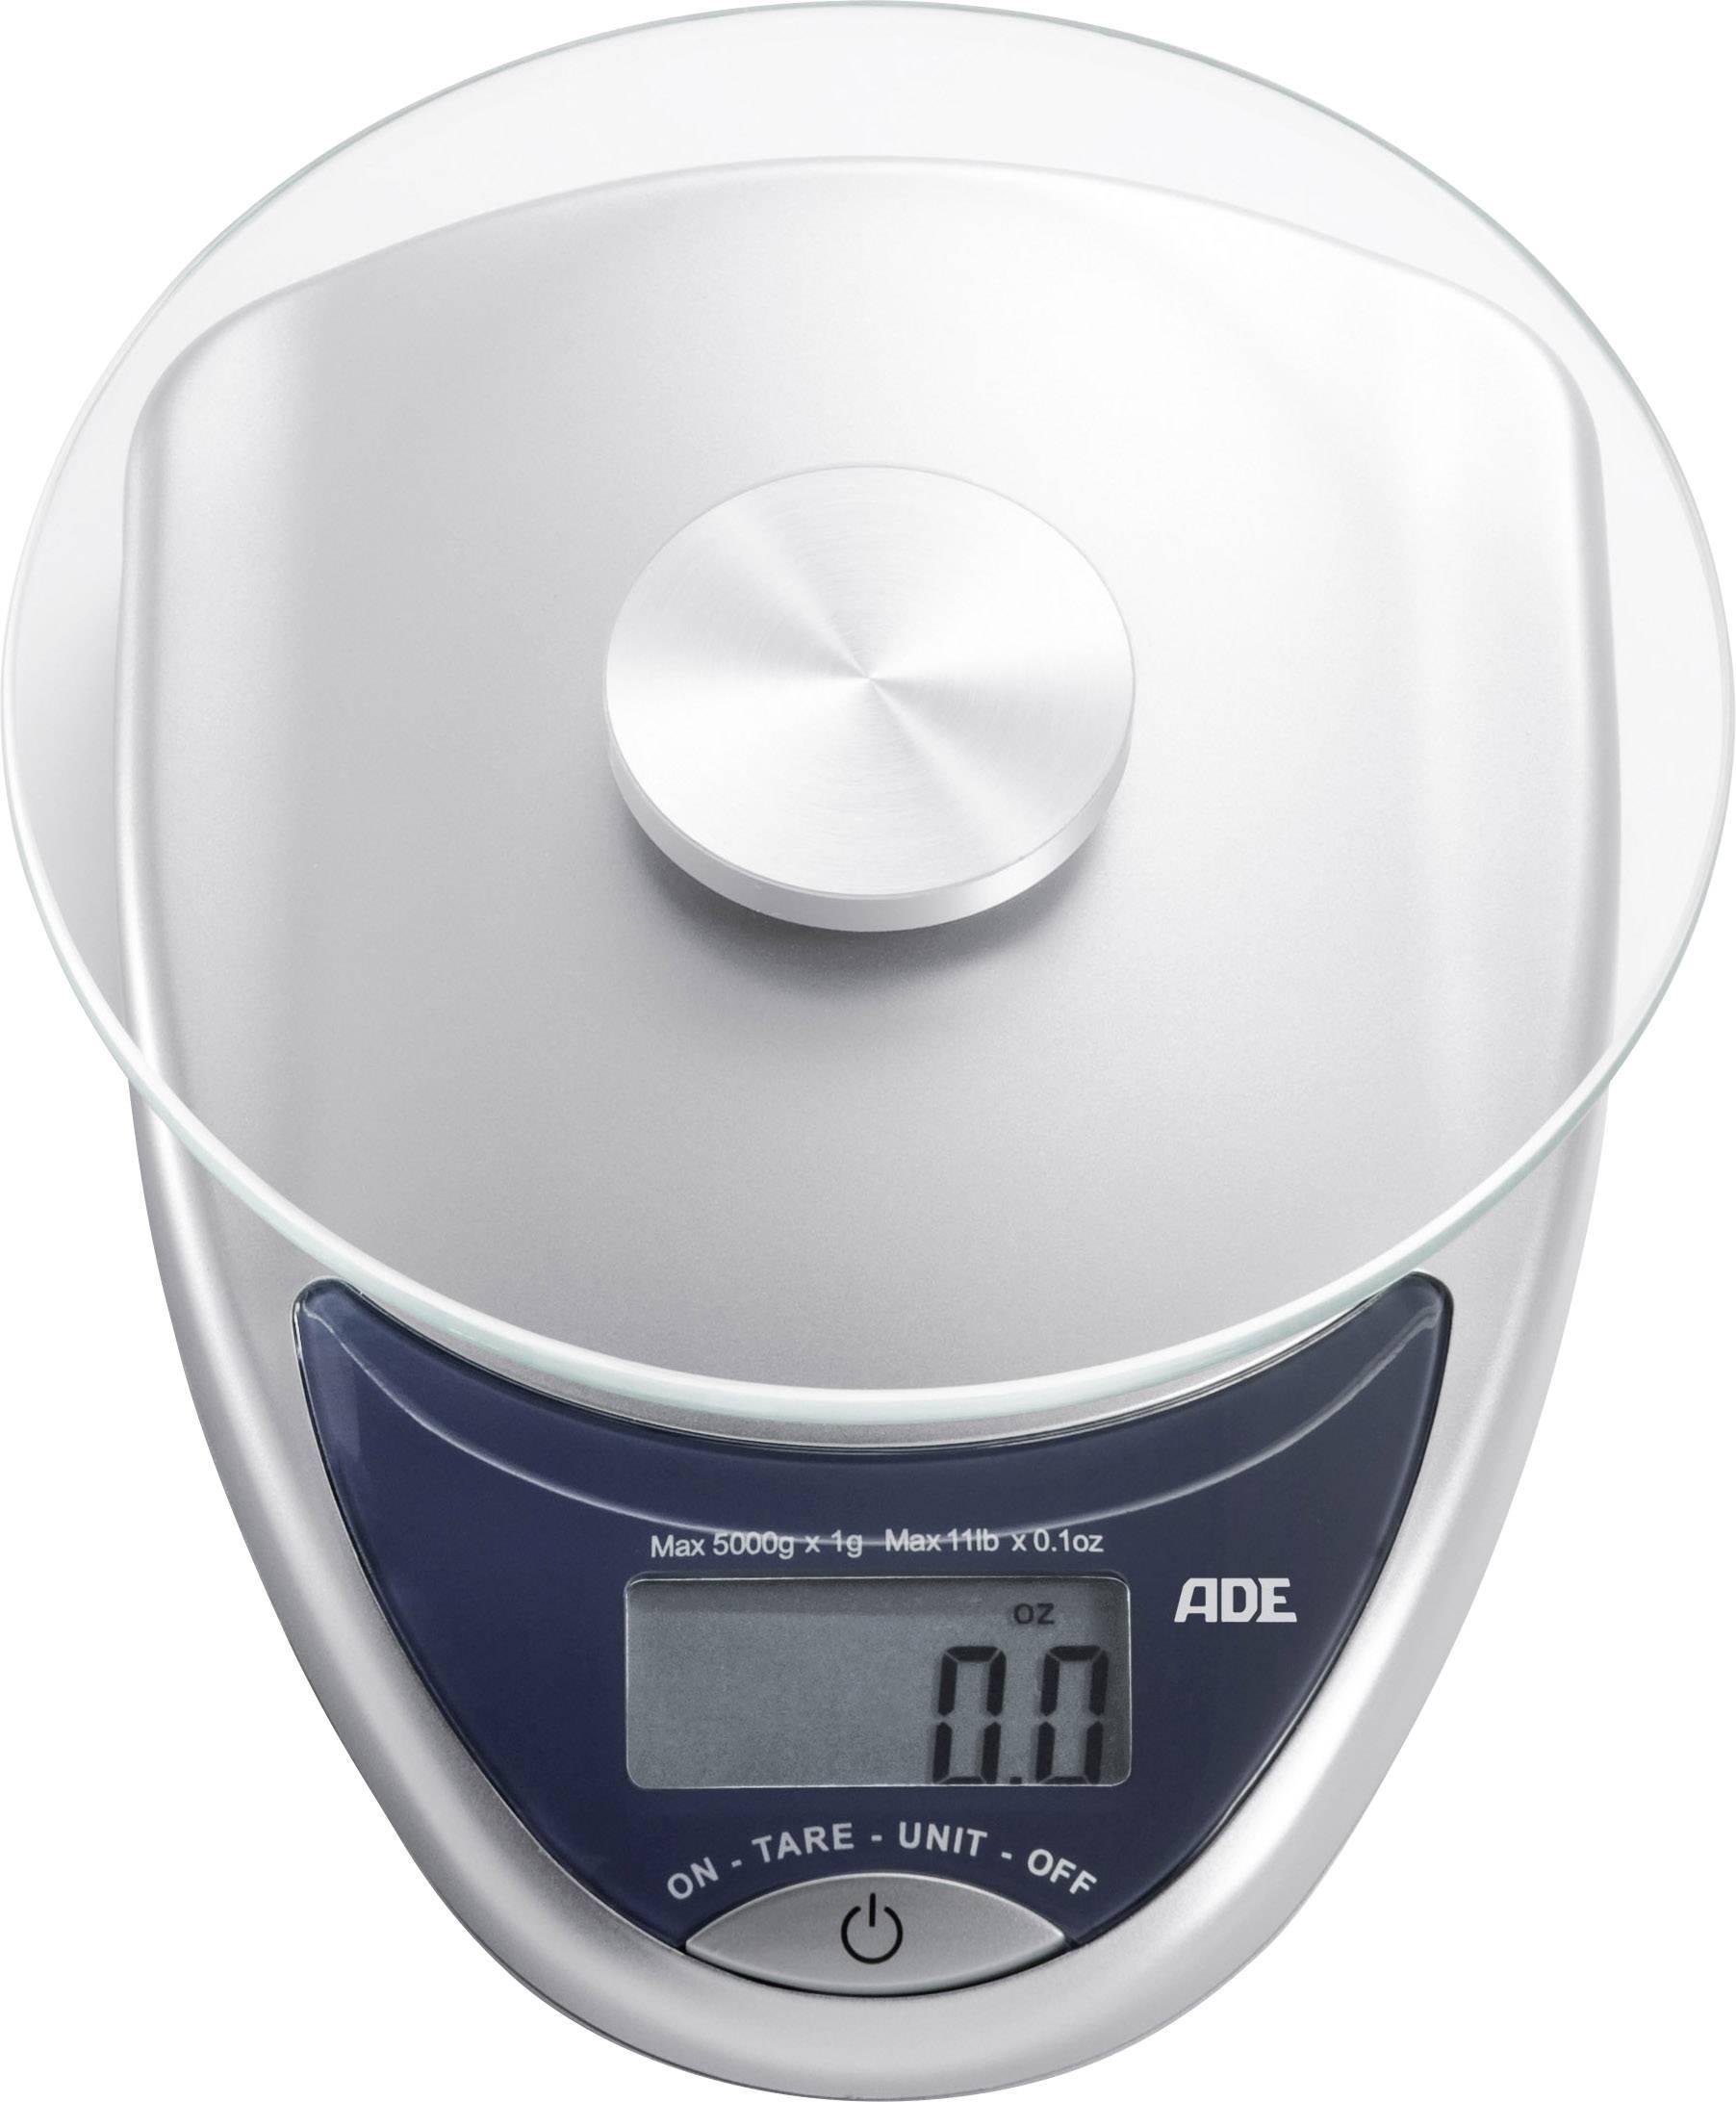 Beurer Ks25 Rvs.Ade Ke 736 Celina Digitale Keukenweegschaal Zilver Antraciet